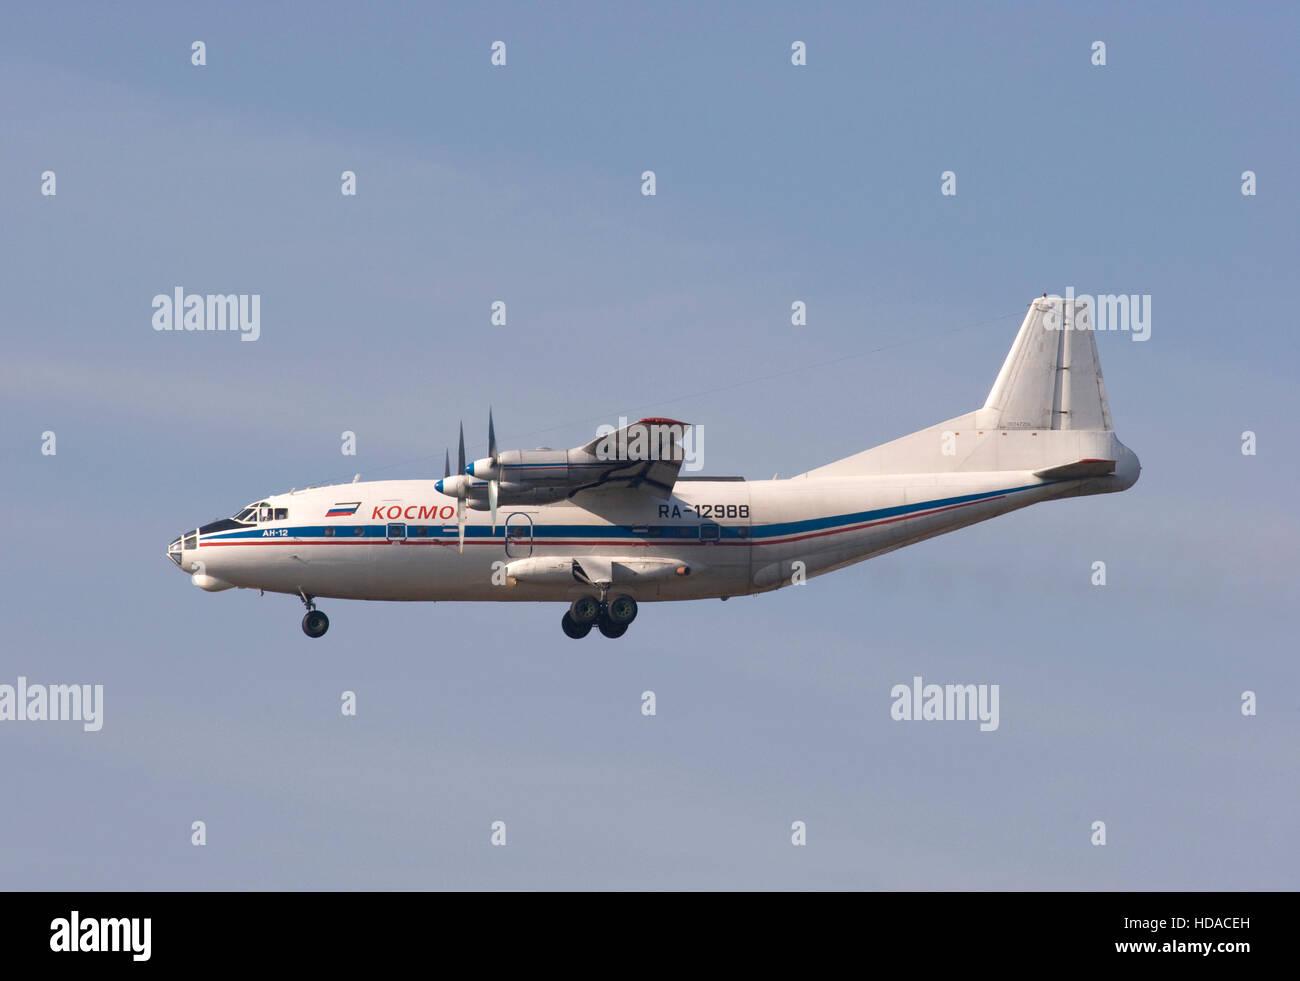 Kosmos Aviation Antonov An-12B aircraft landing at London Stansted airport. - Stock Image